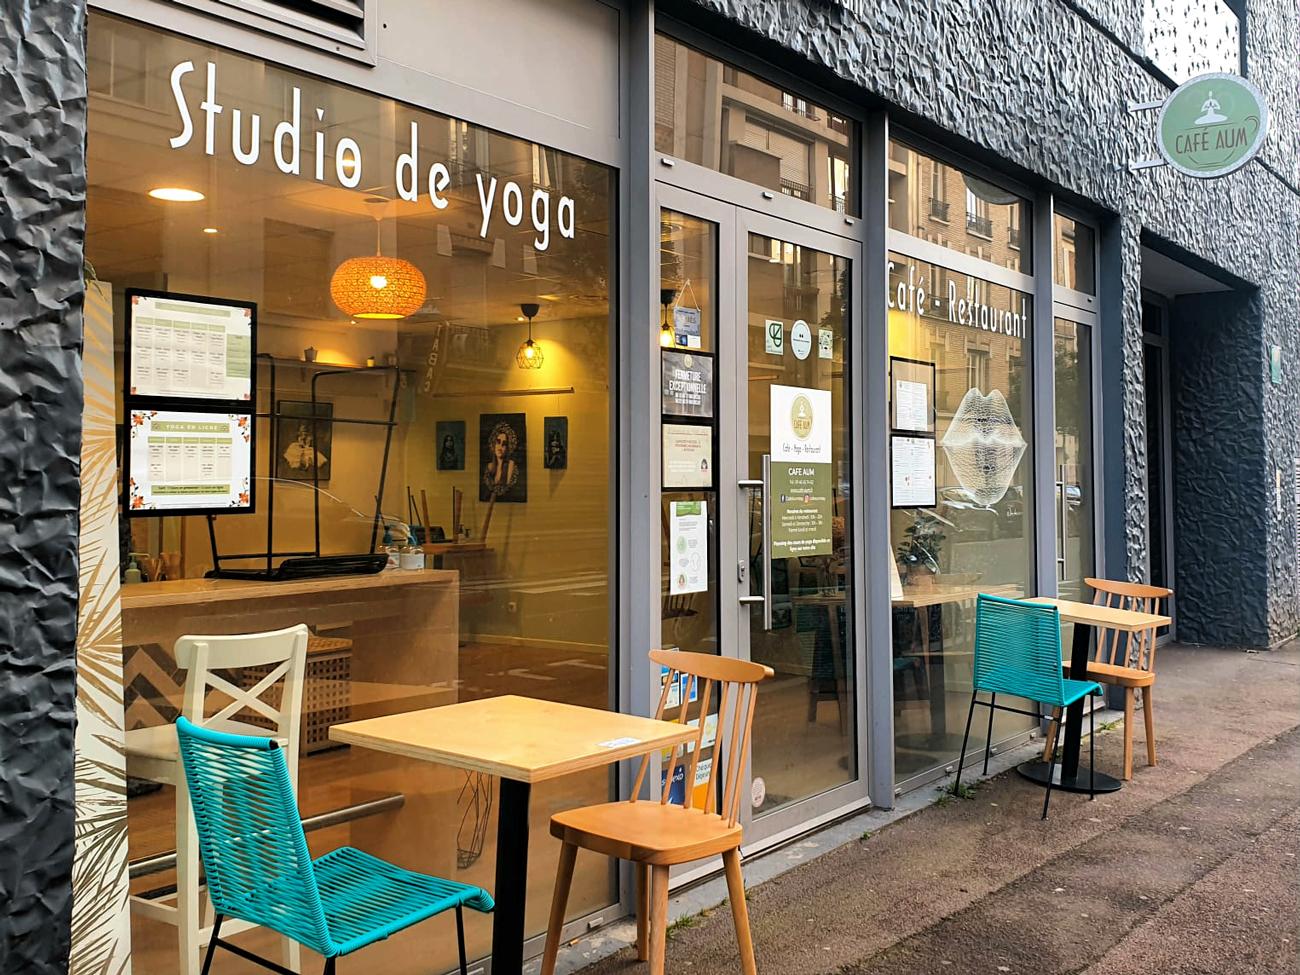 Café Aum, studio de yoga, café et restaurant à Issy-Les-Moulineaux : devanture